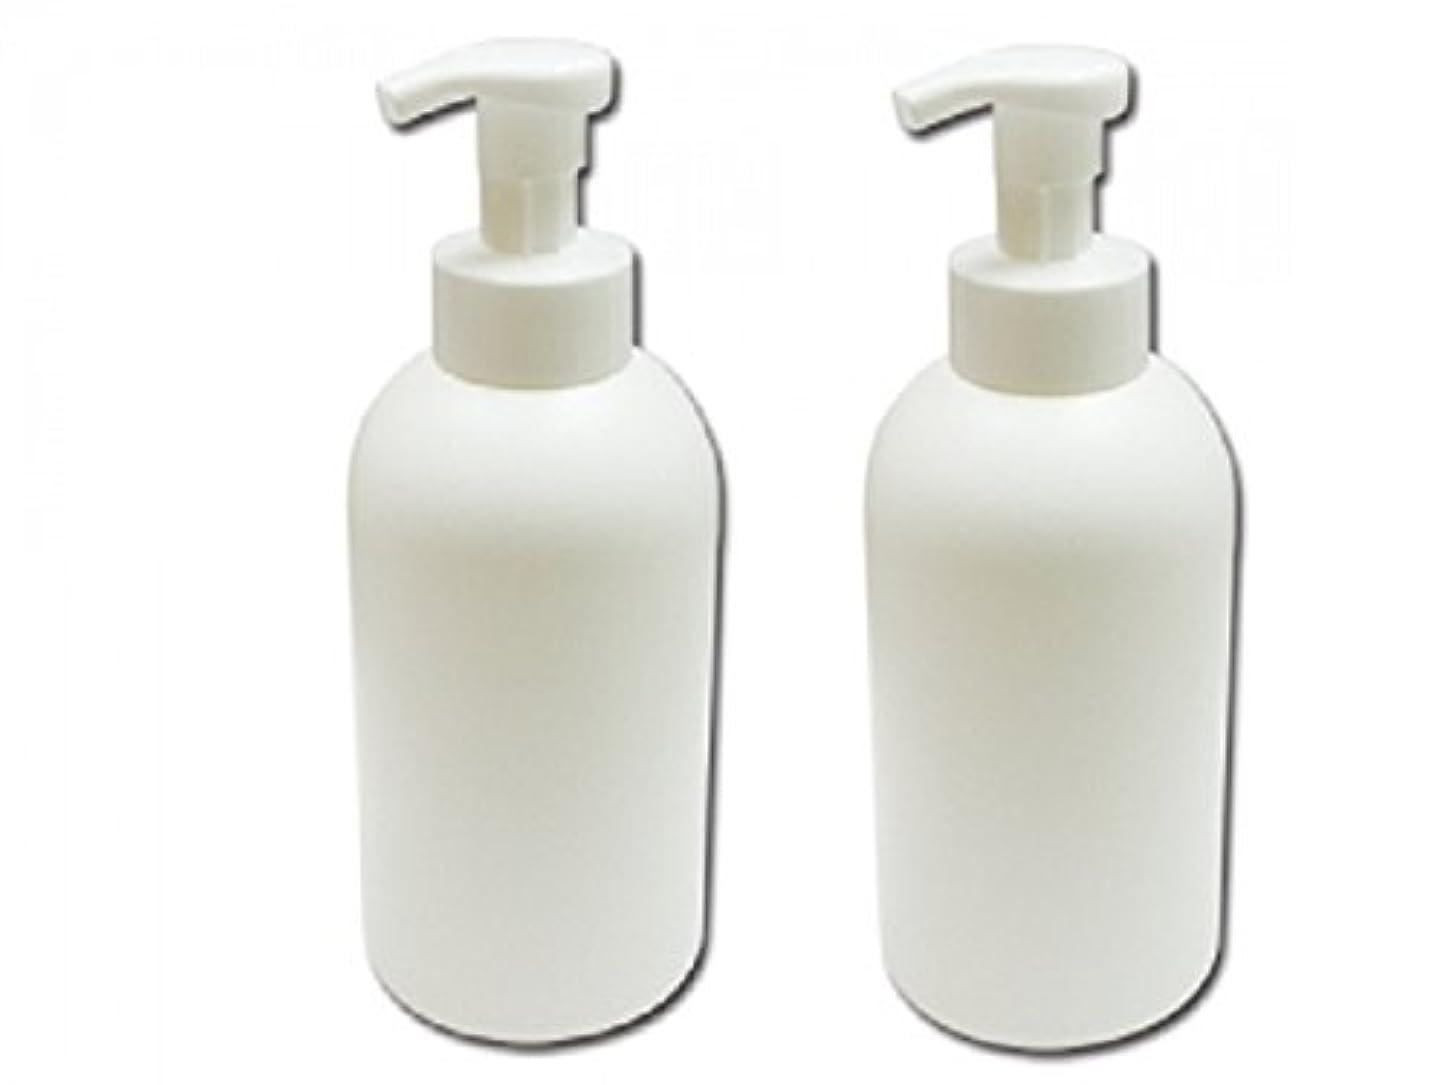 クロニクル翻訳取り扱い泡立てポンプボトル800ml 泡で出てくる詰め替え容器泡立ちソープディスペンサー 液体石鹸、シャンプーボディーソープの詰め替えに 泡フォームポンプ容器 液体せっけん等の小分けに[2個セット]